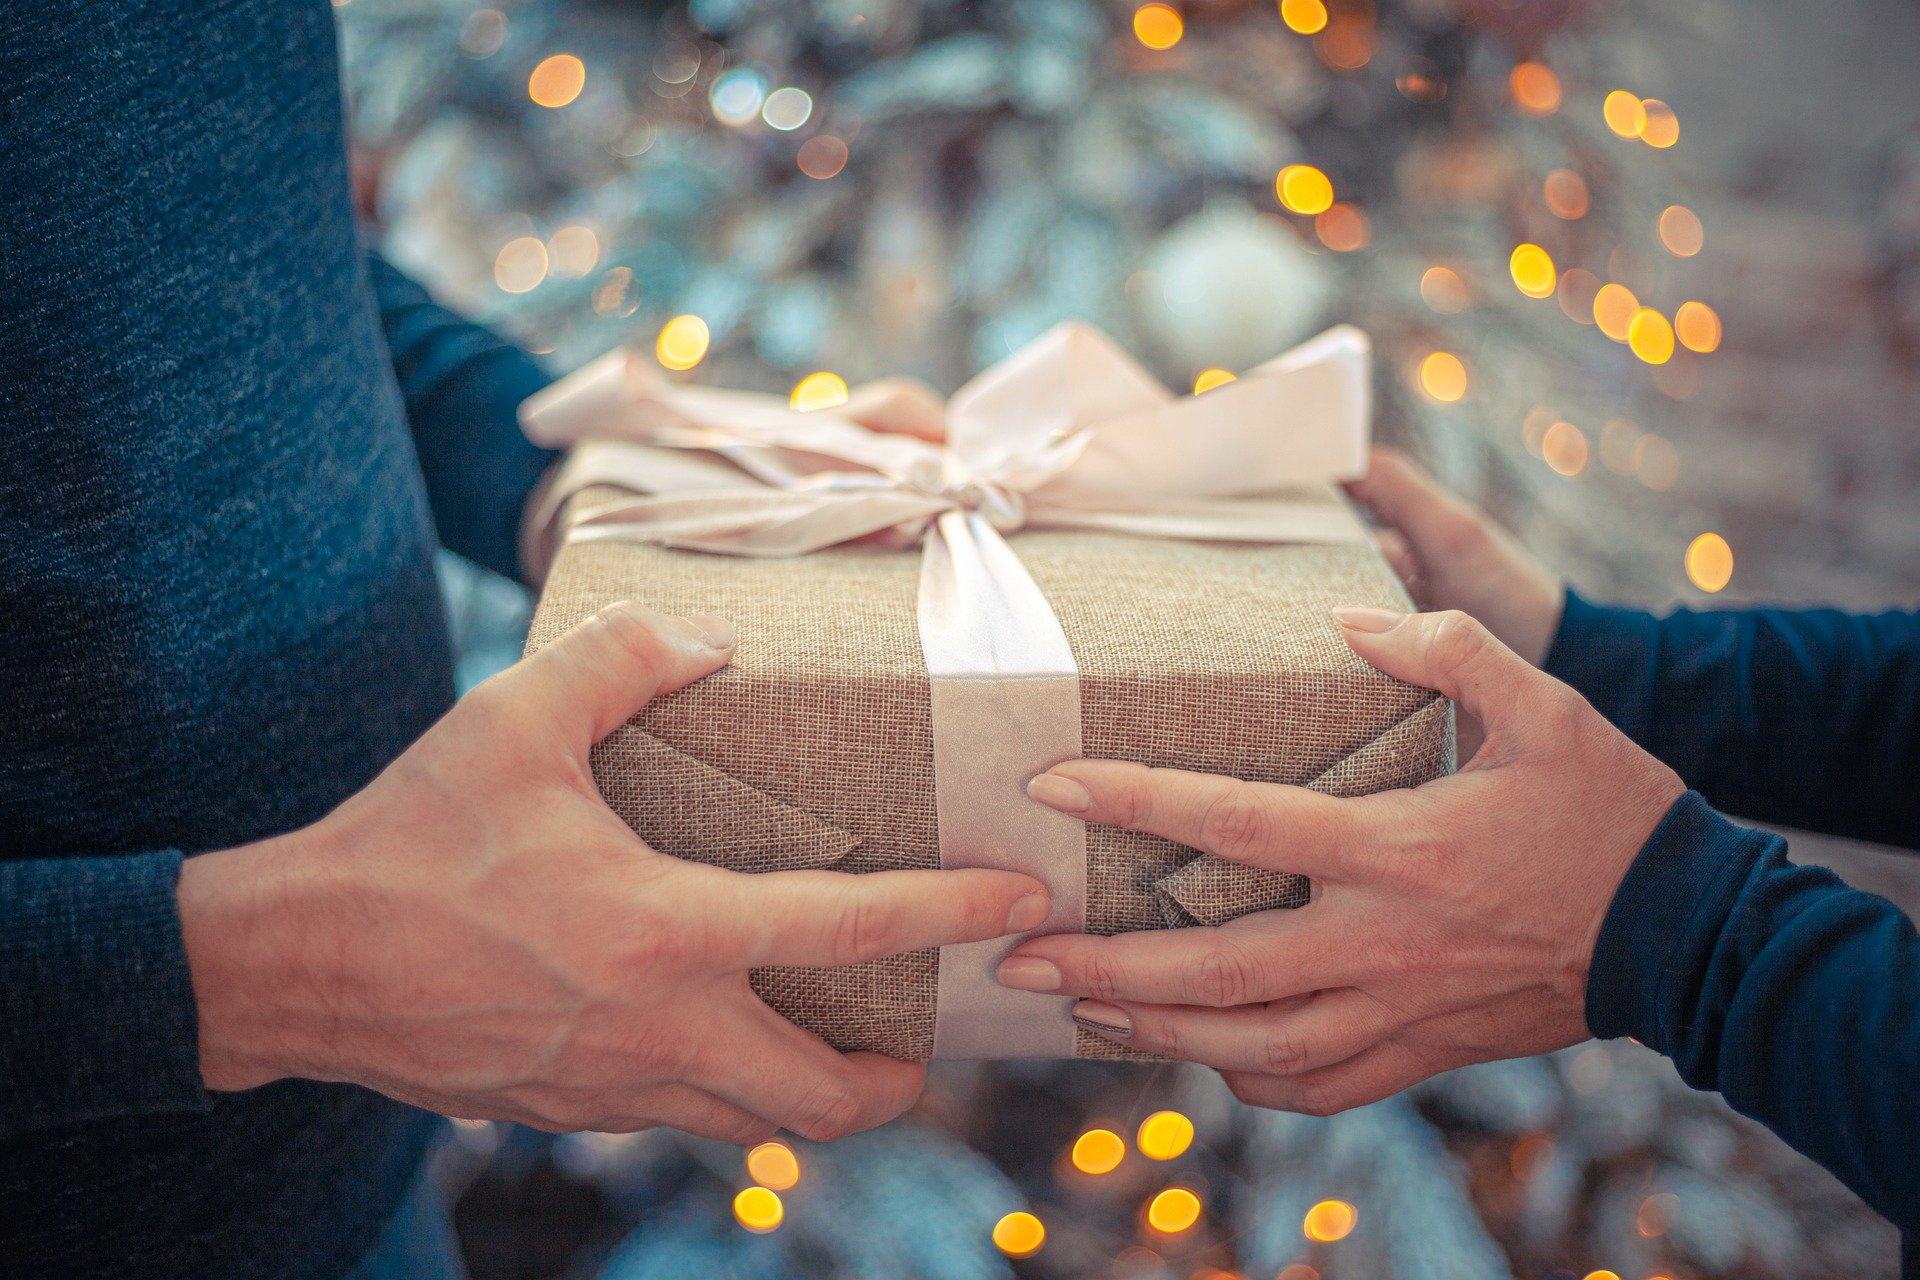 Trotz allem…: Ich denke an Dich – VFG Weihnachtstaschen/Weihnachtstüten für Wohnungslose